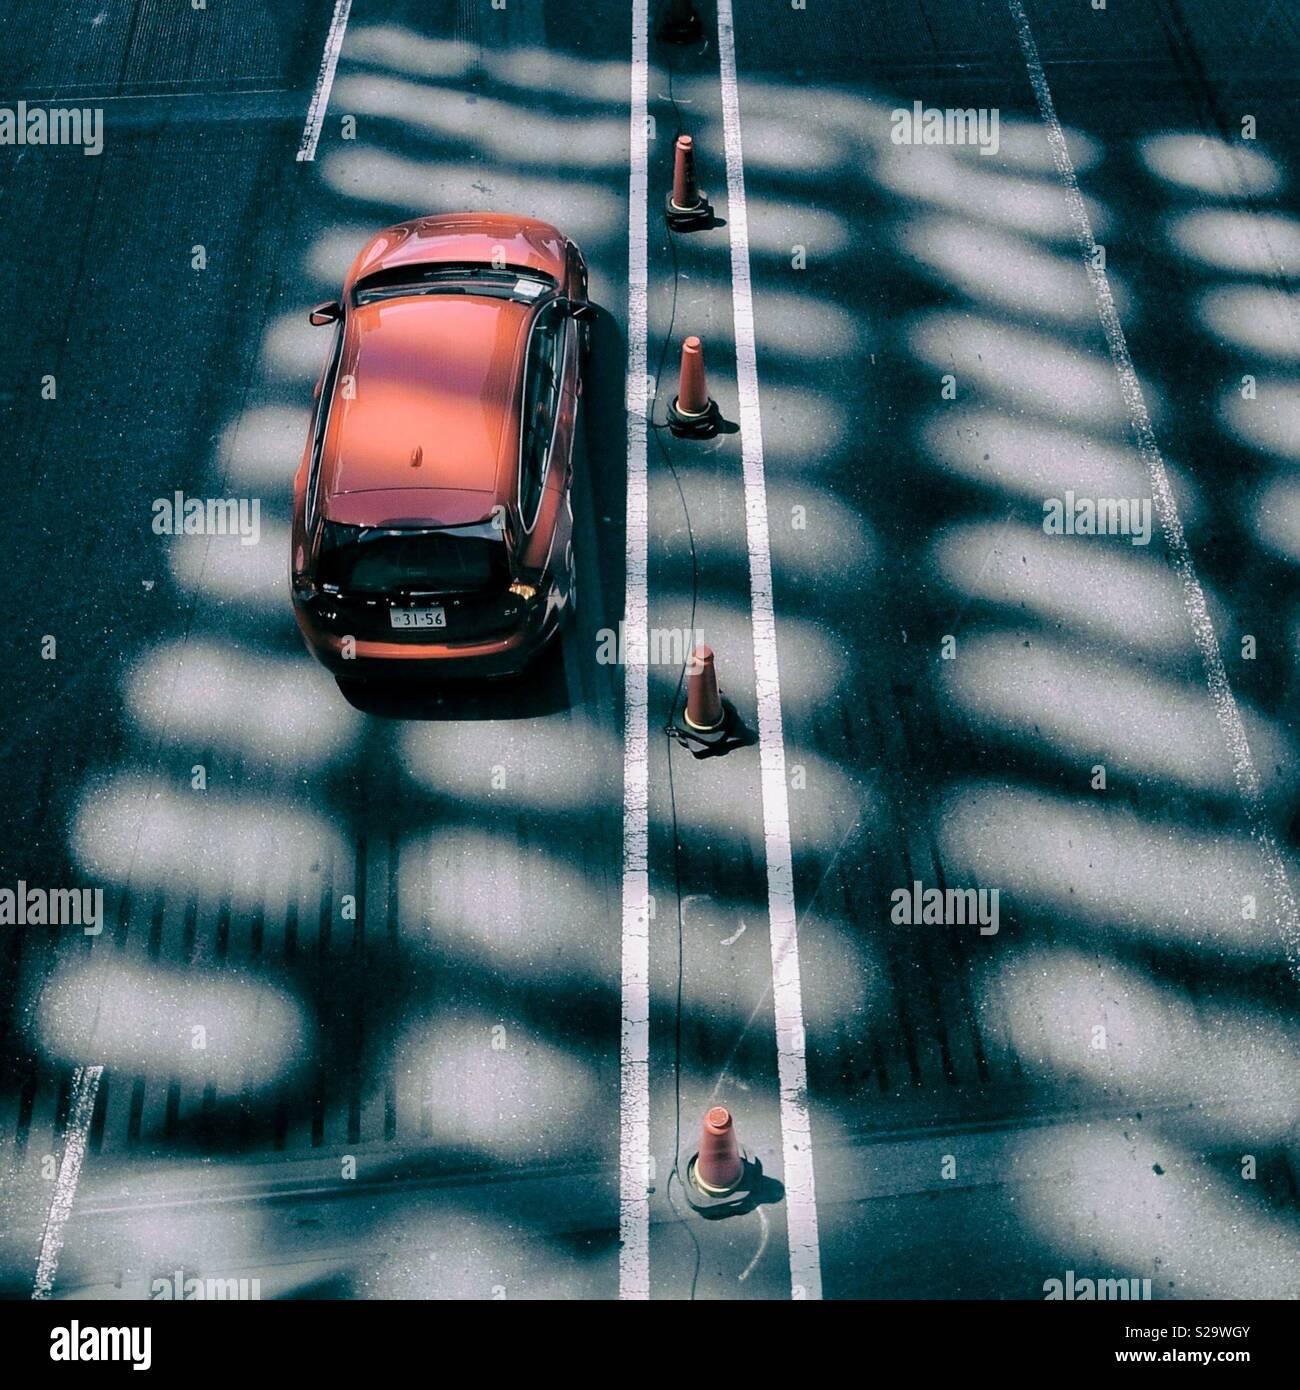 Une voiture rouge passe road cônes et les ombres. Point de vue aériennes Photo Stock